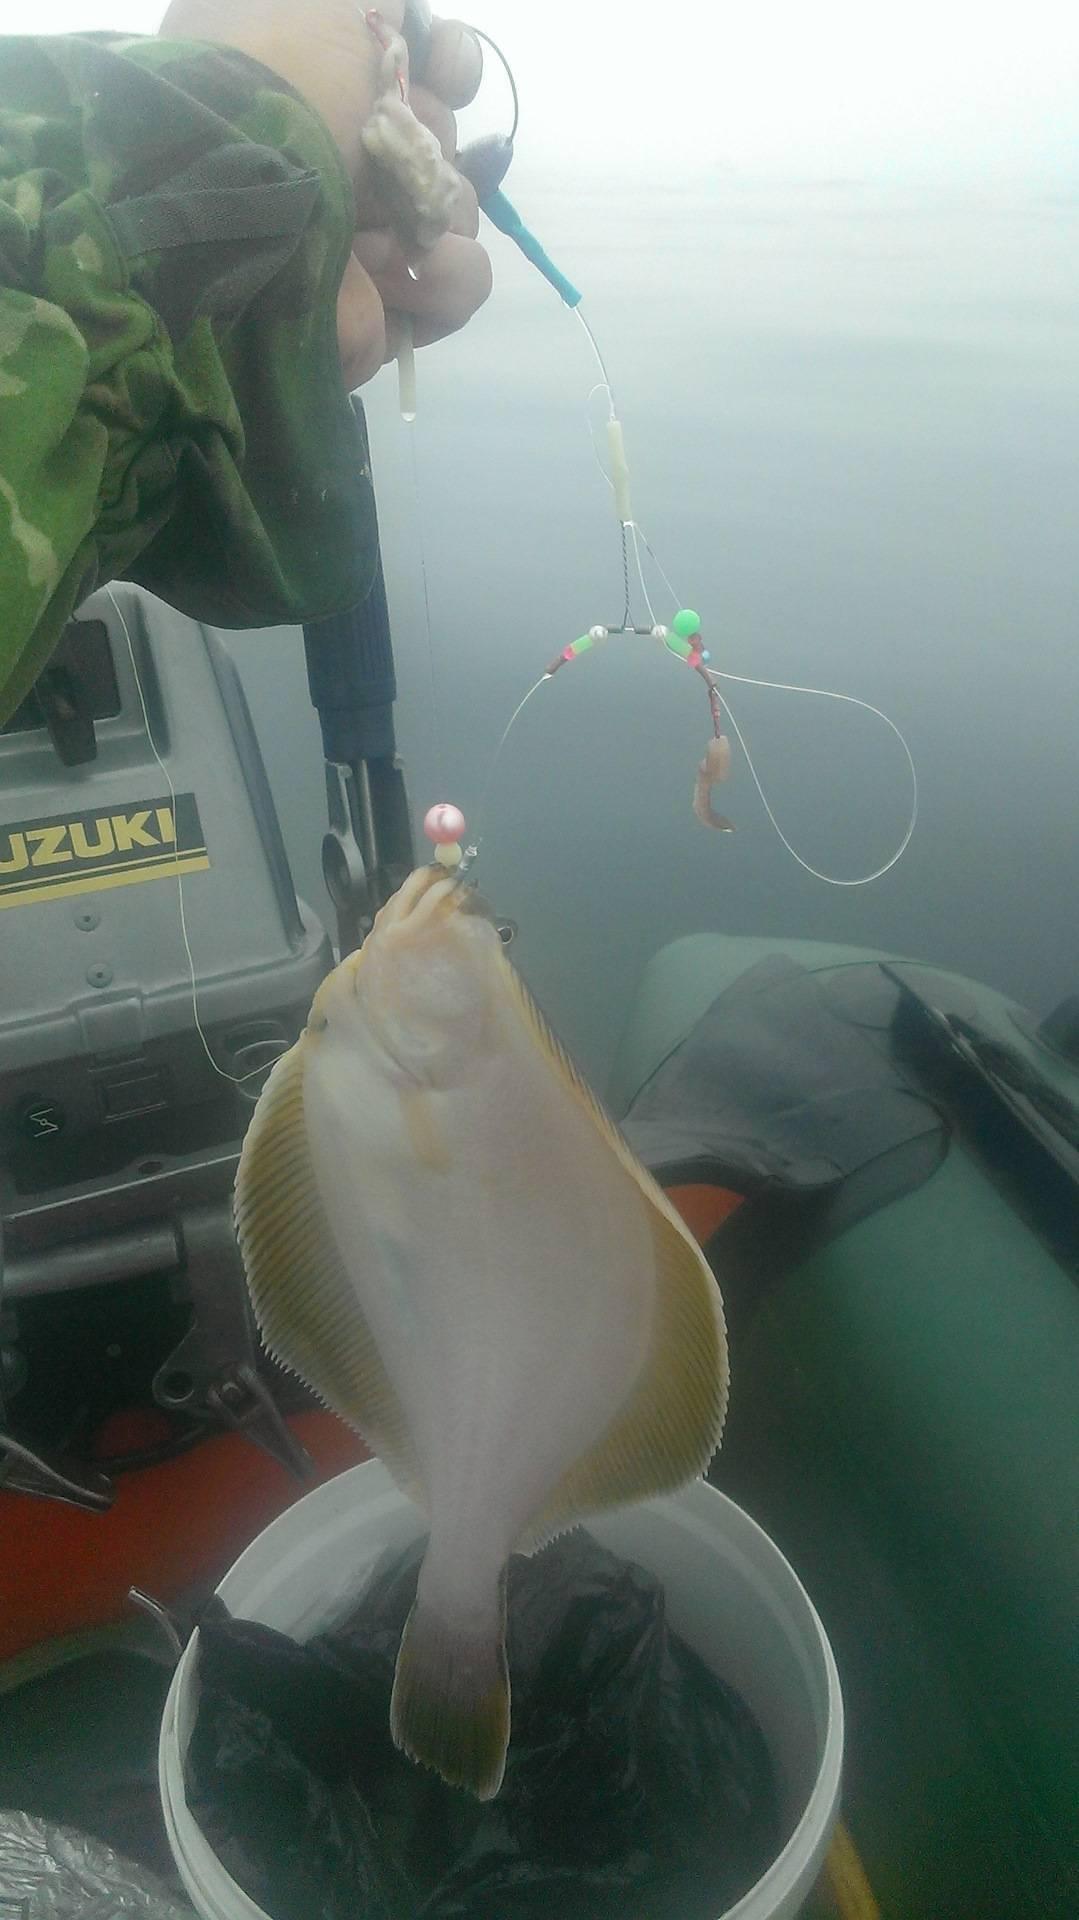 Рыба камбала?: фото и описание. как выглядит камбала?, и какая это рыба морская или речная?